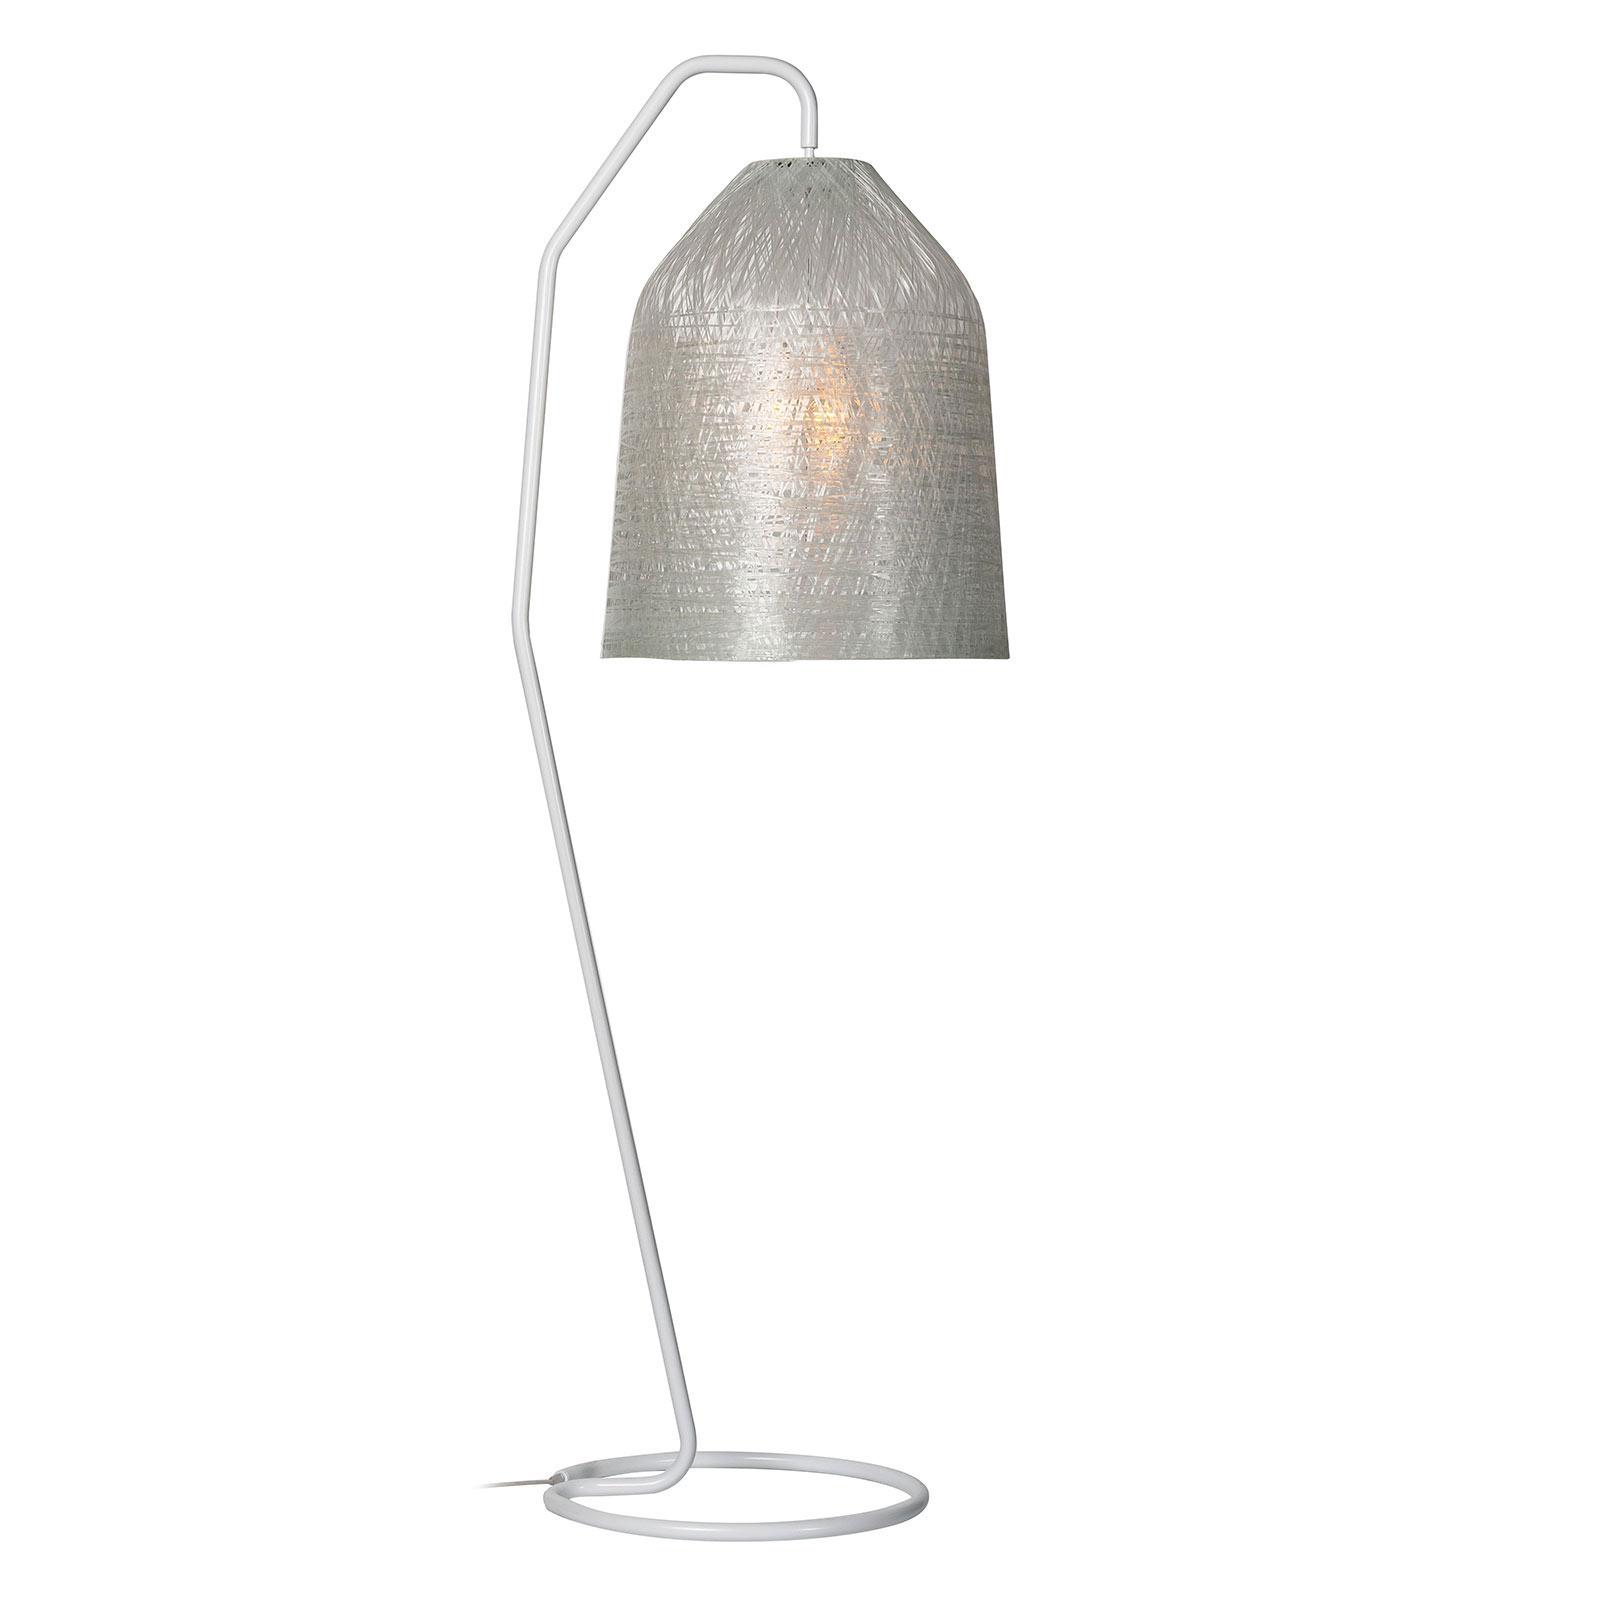 Karman Black Out lampa stojąca 180cm przezroczysta